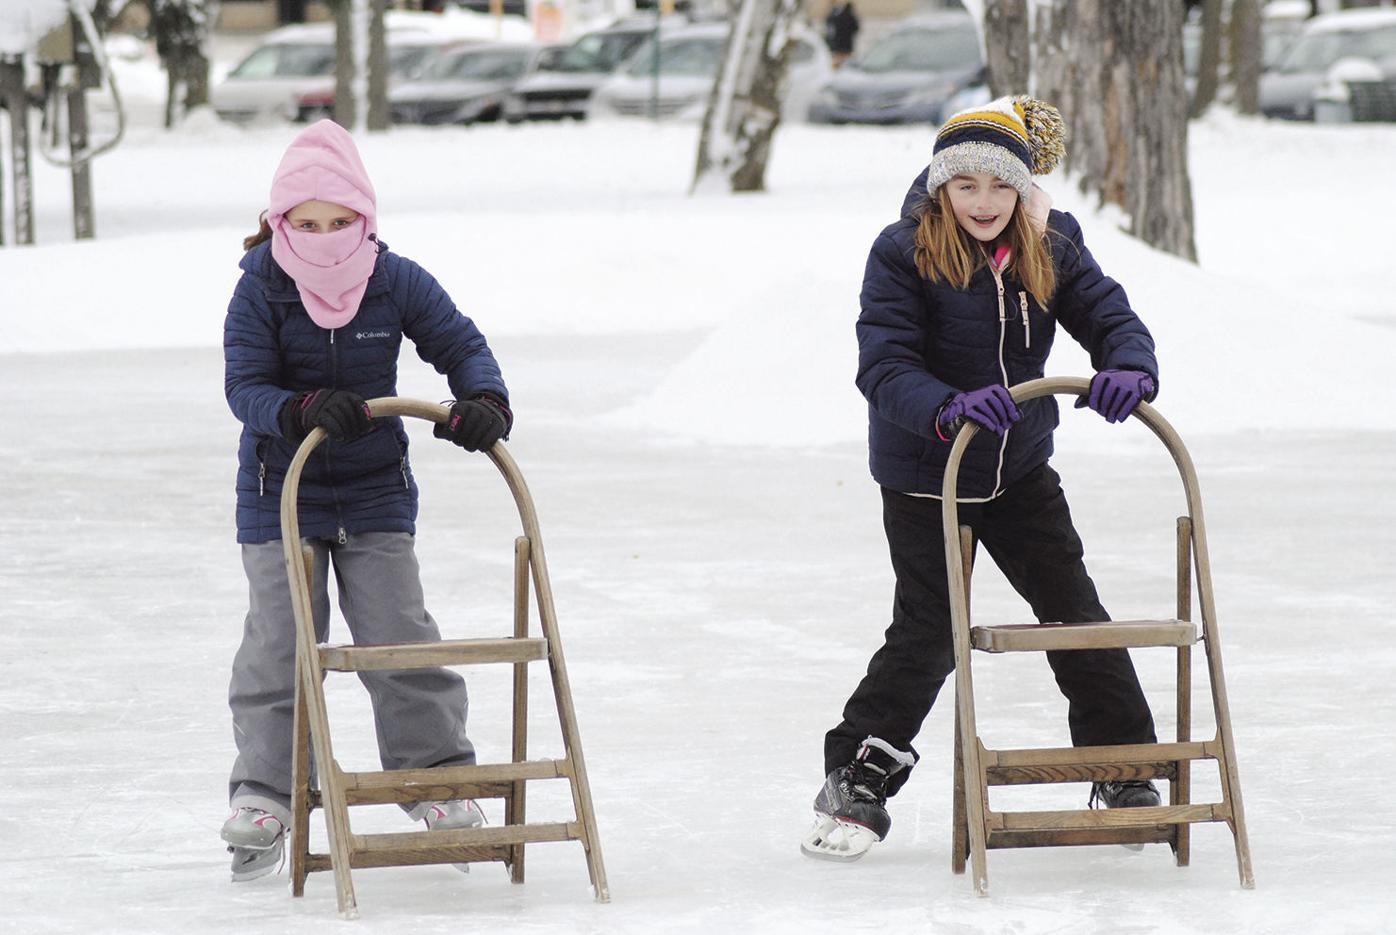 Subzero ice skate